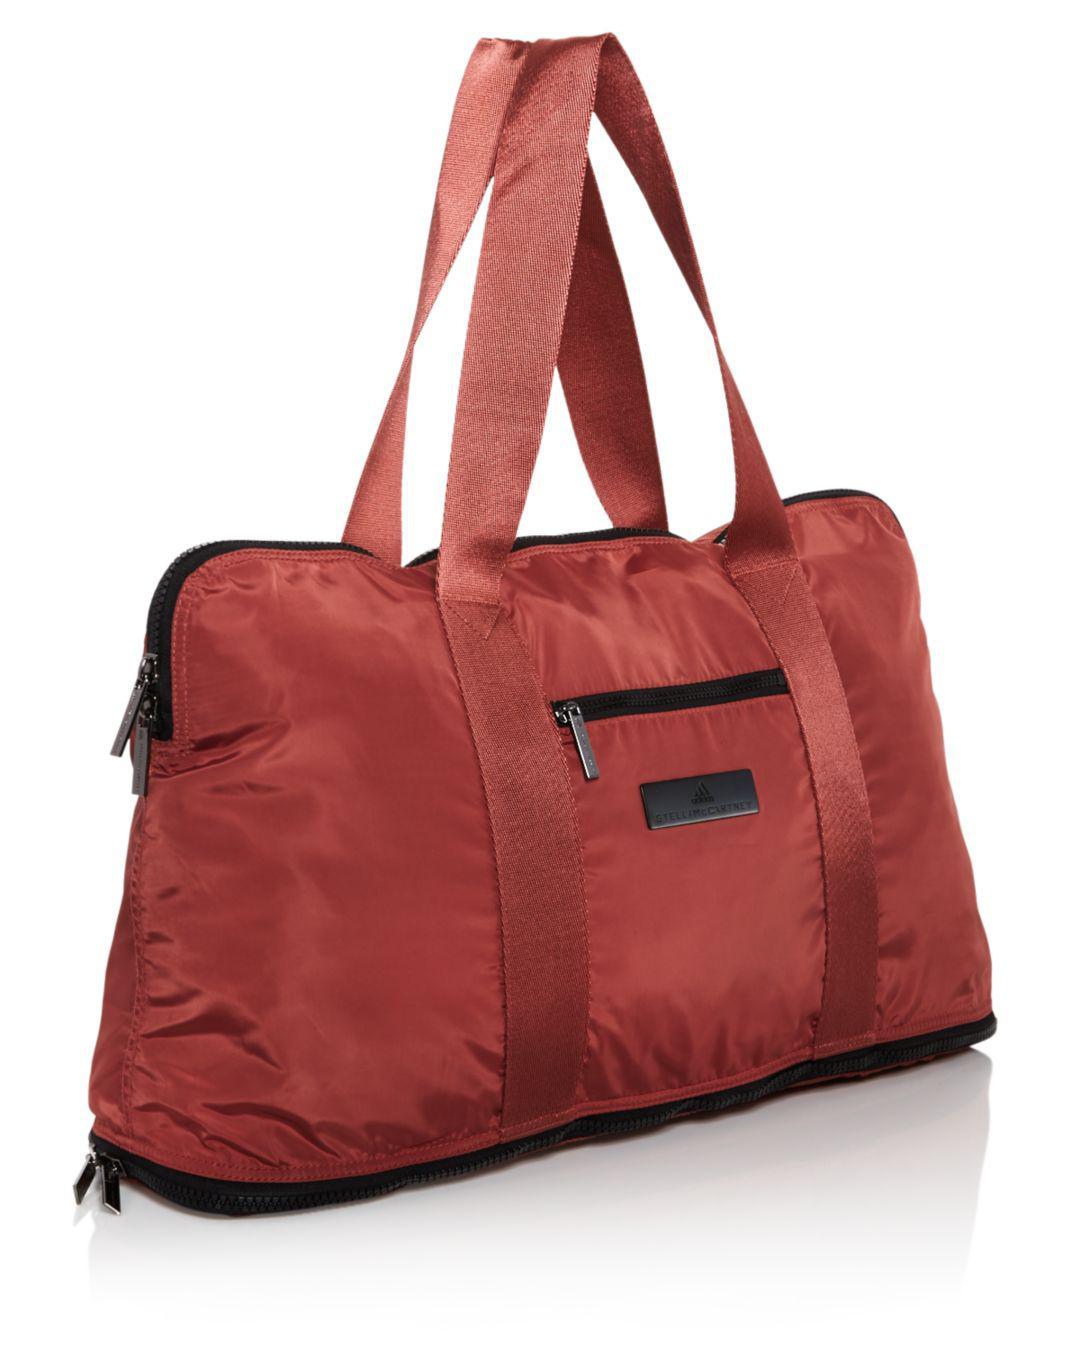 e6673406829 Lyst - Adidas By Stella Mccartney Yoga Gym Bag in Red